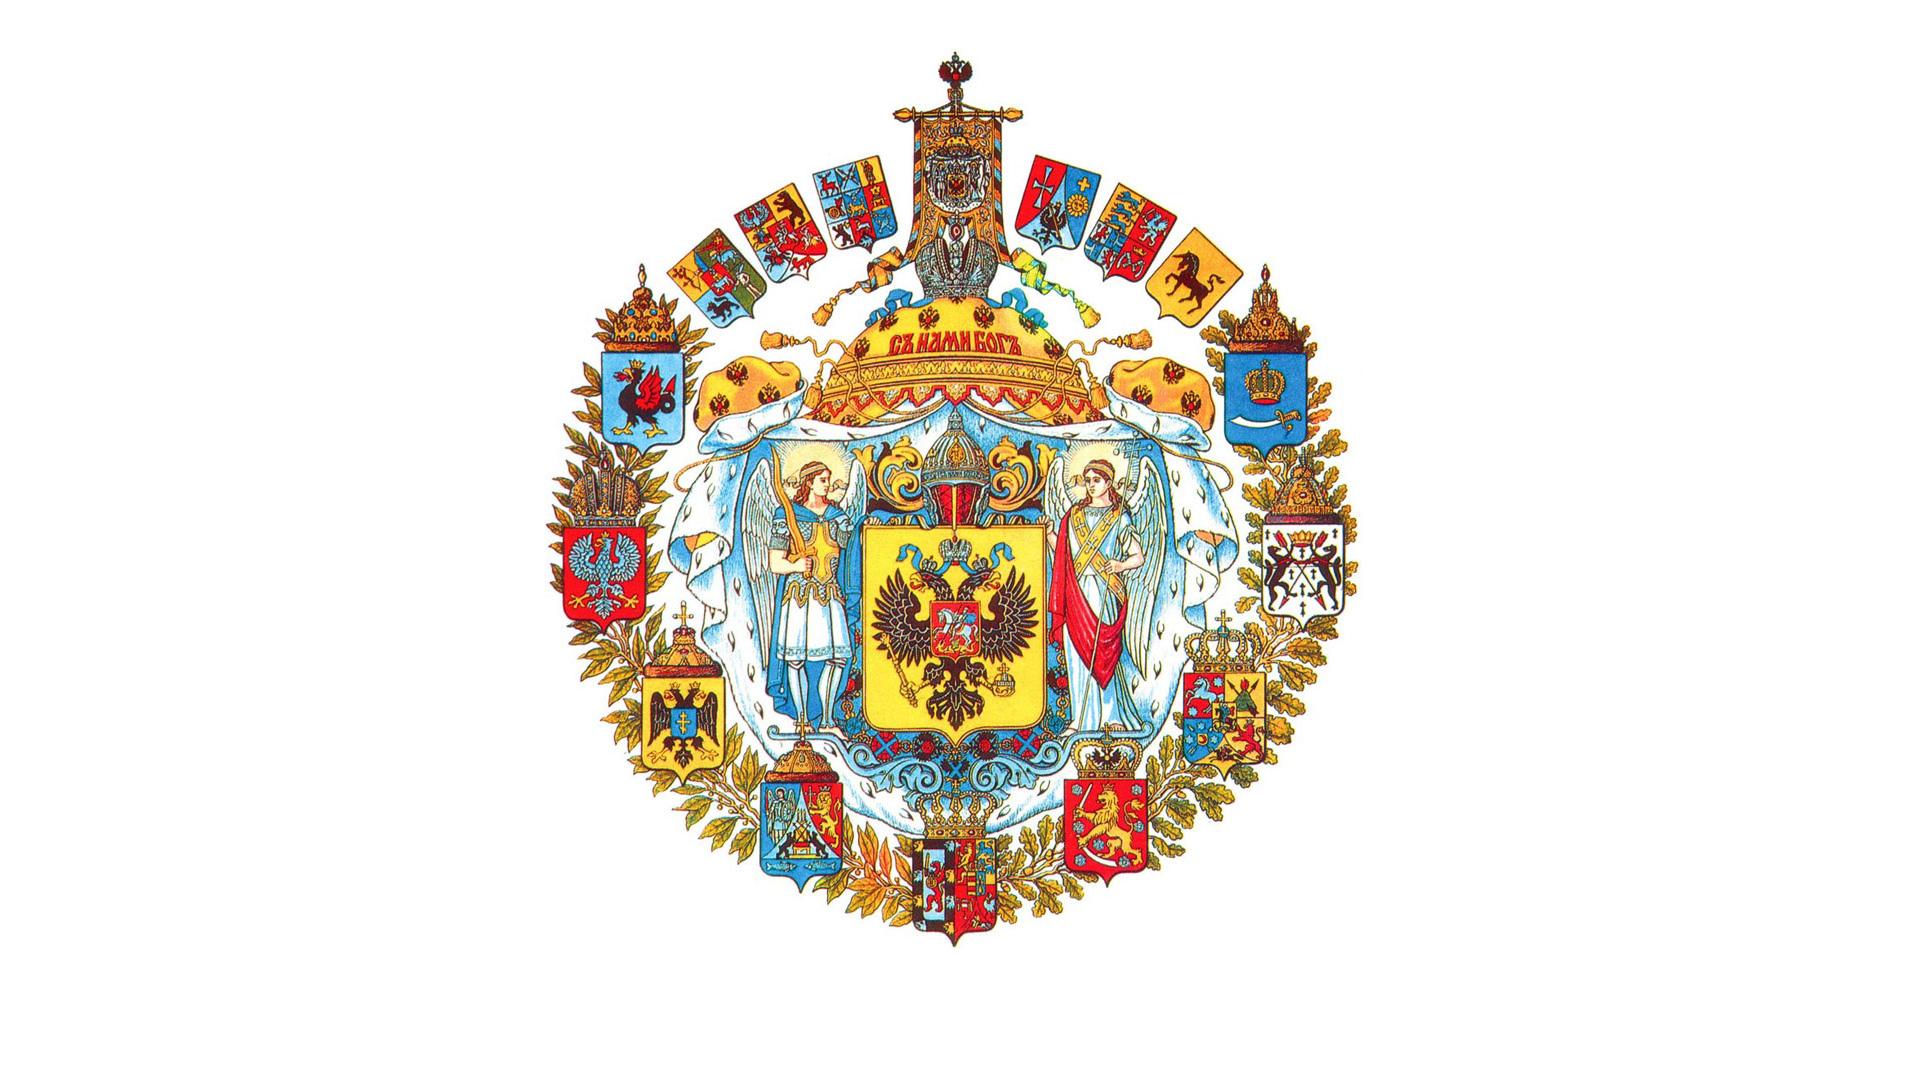 Обои гербы городов для рабочего стола